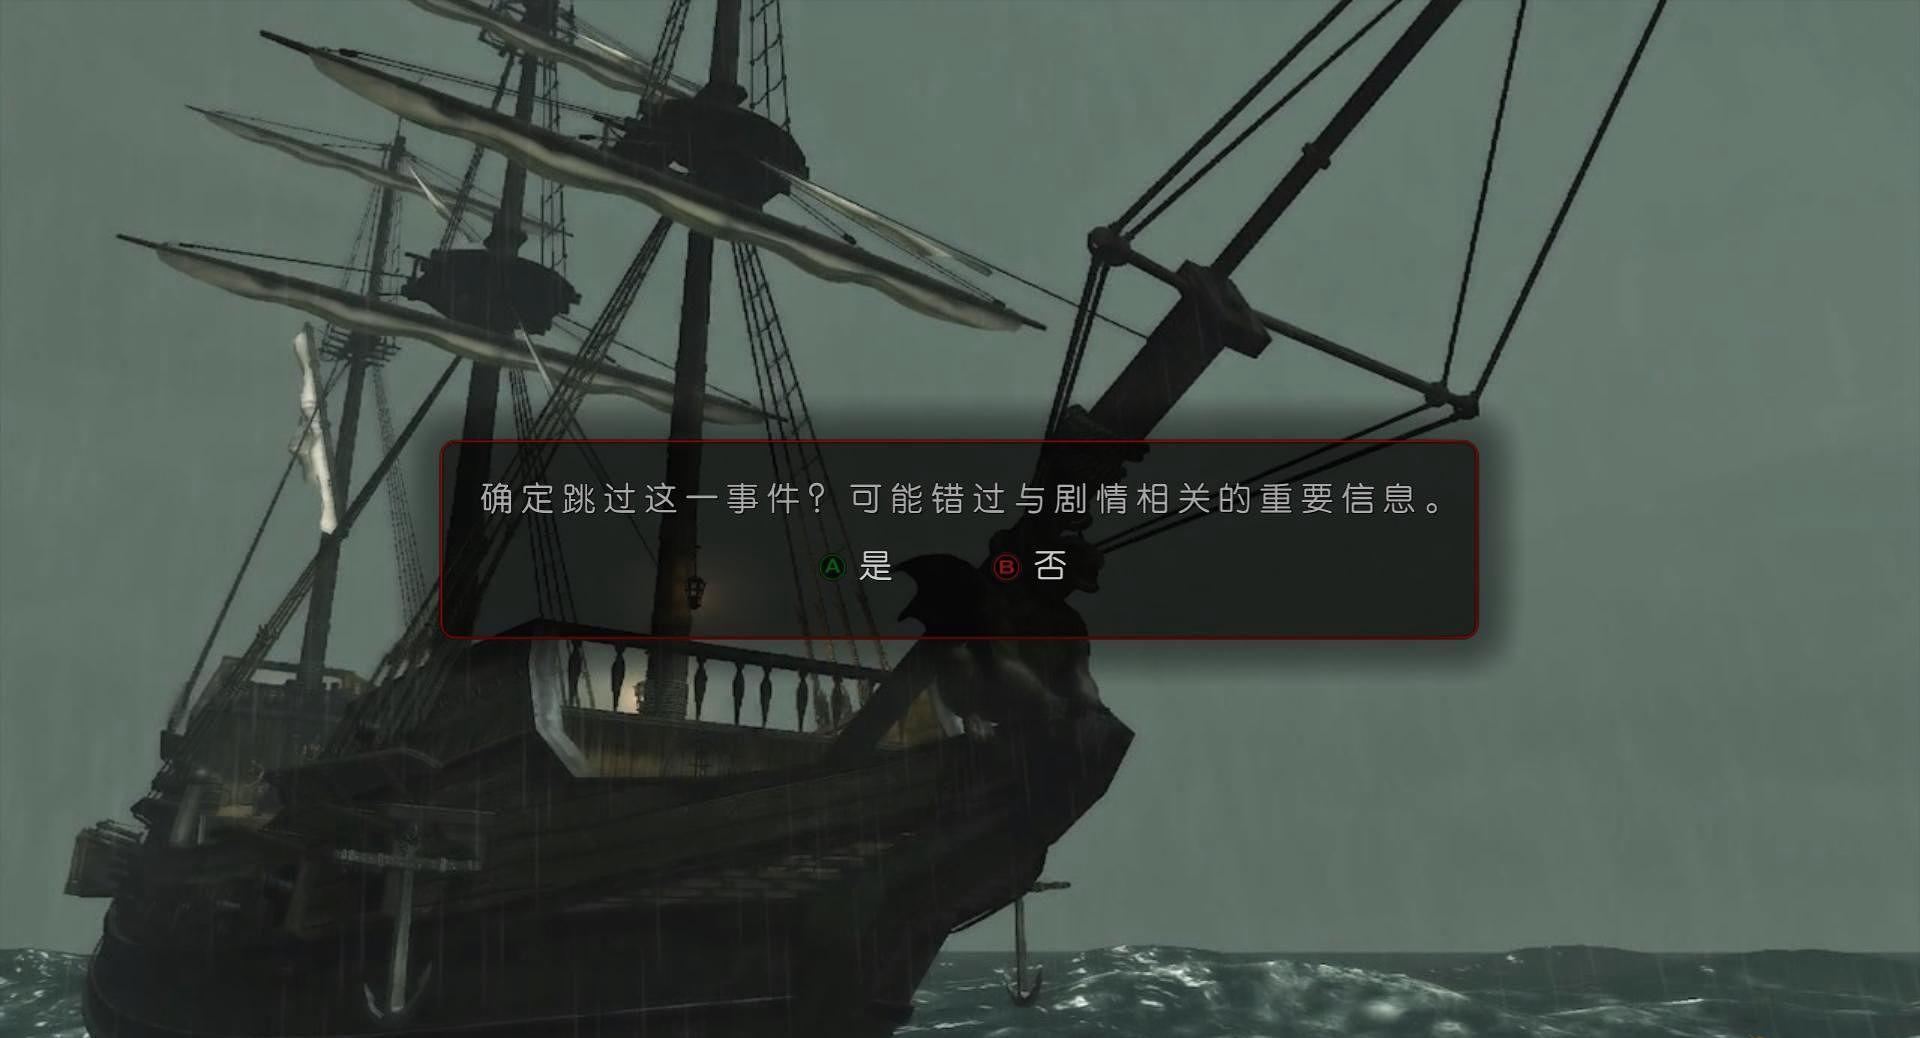 仇杀:乌鸦的悲鸣之诅咒中文破解版截图3